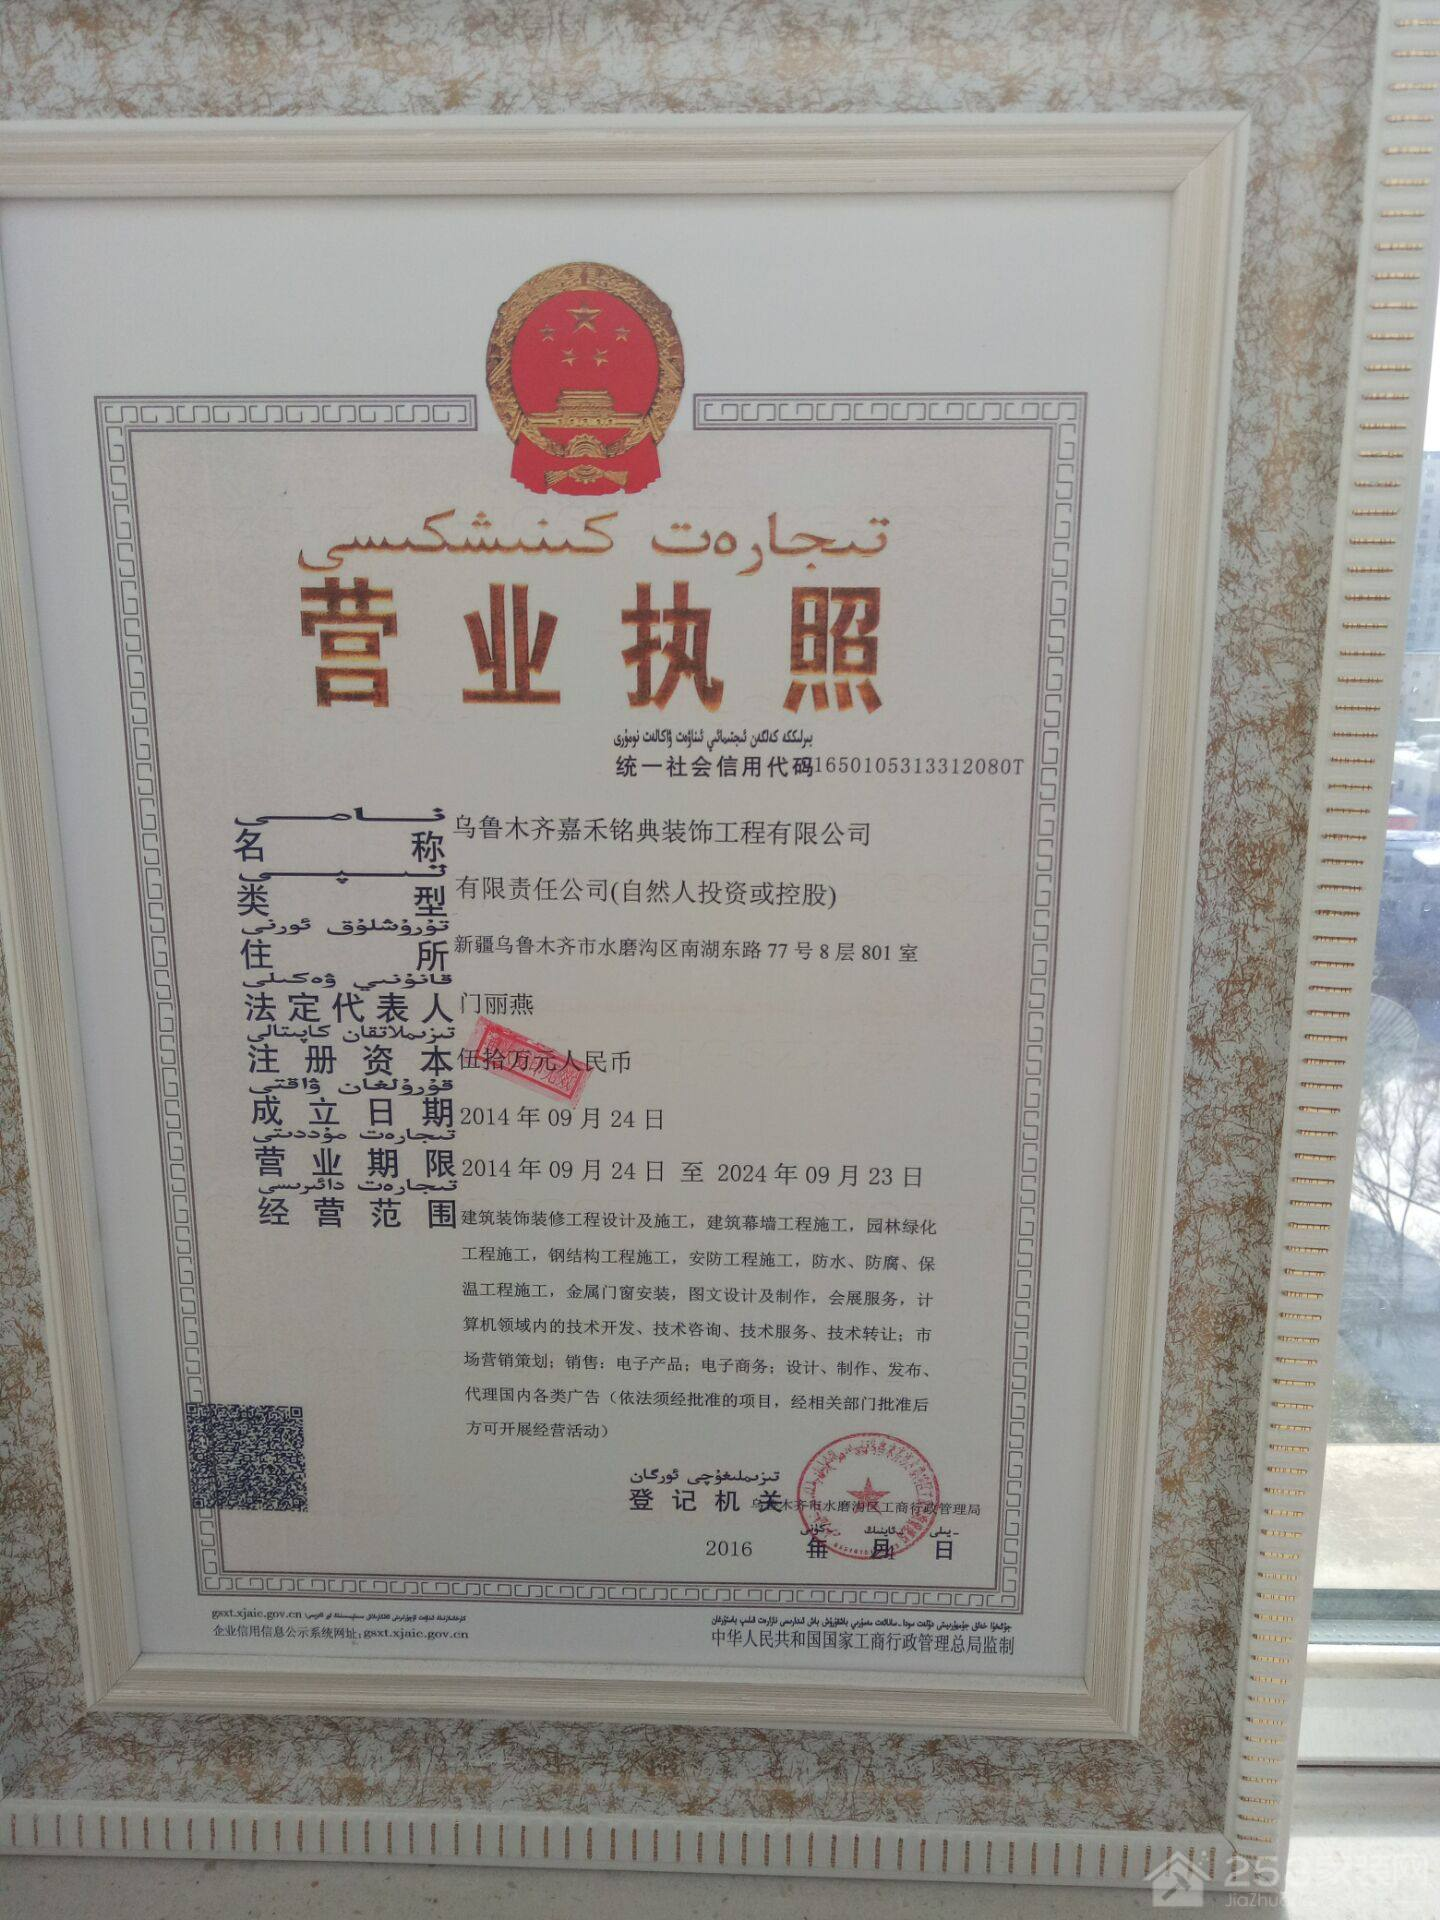 乌鲁木齐嘉禾铭典装饰工程有限公司